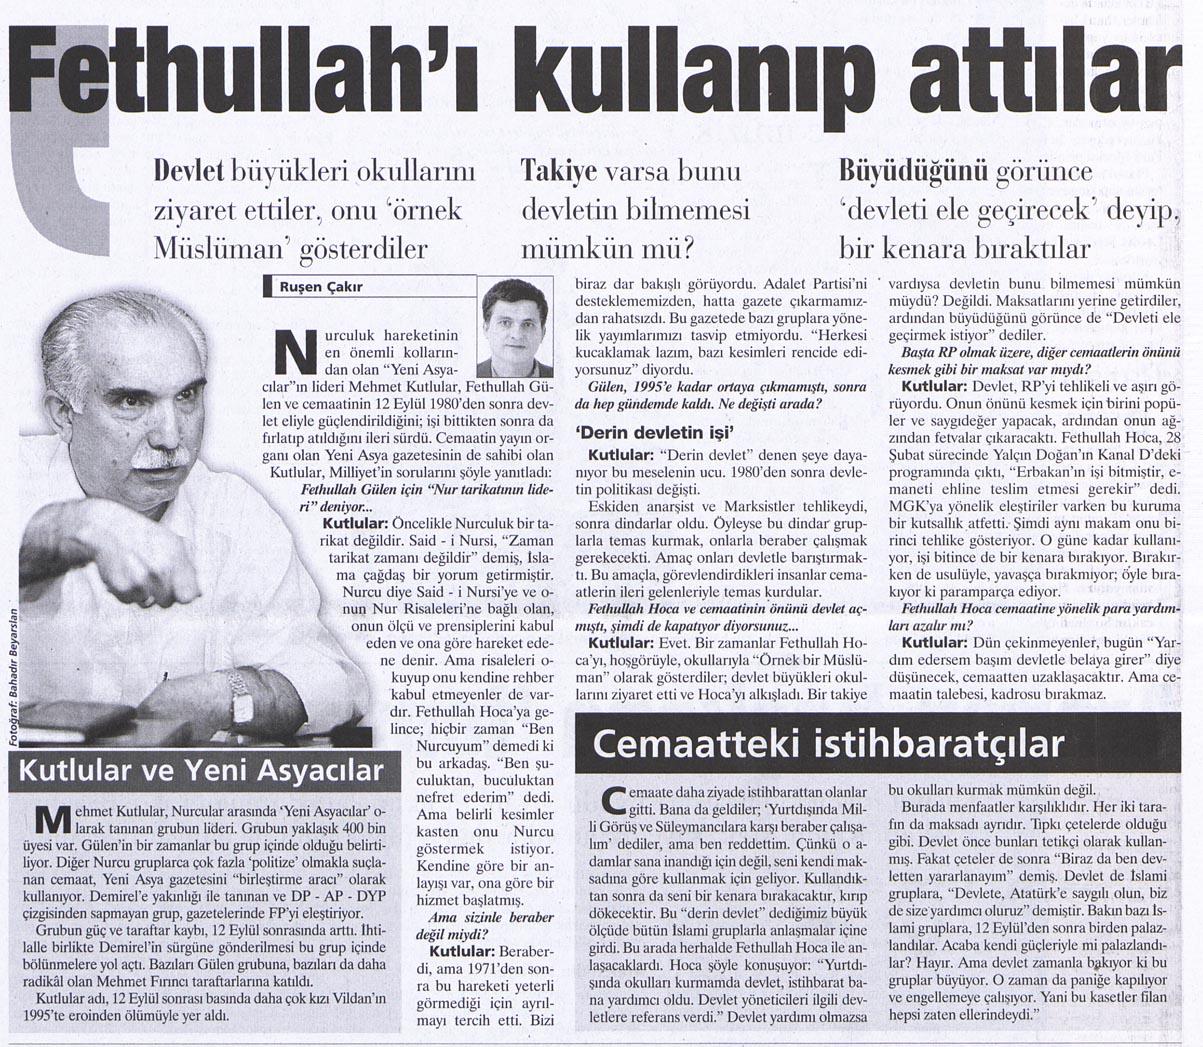 Fethullah Gülen'i kullanıp attılar